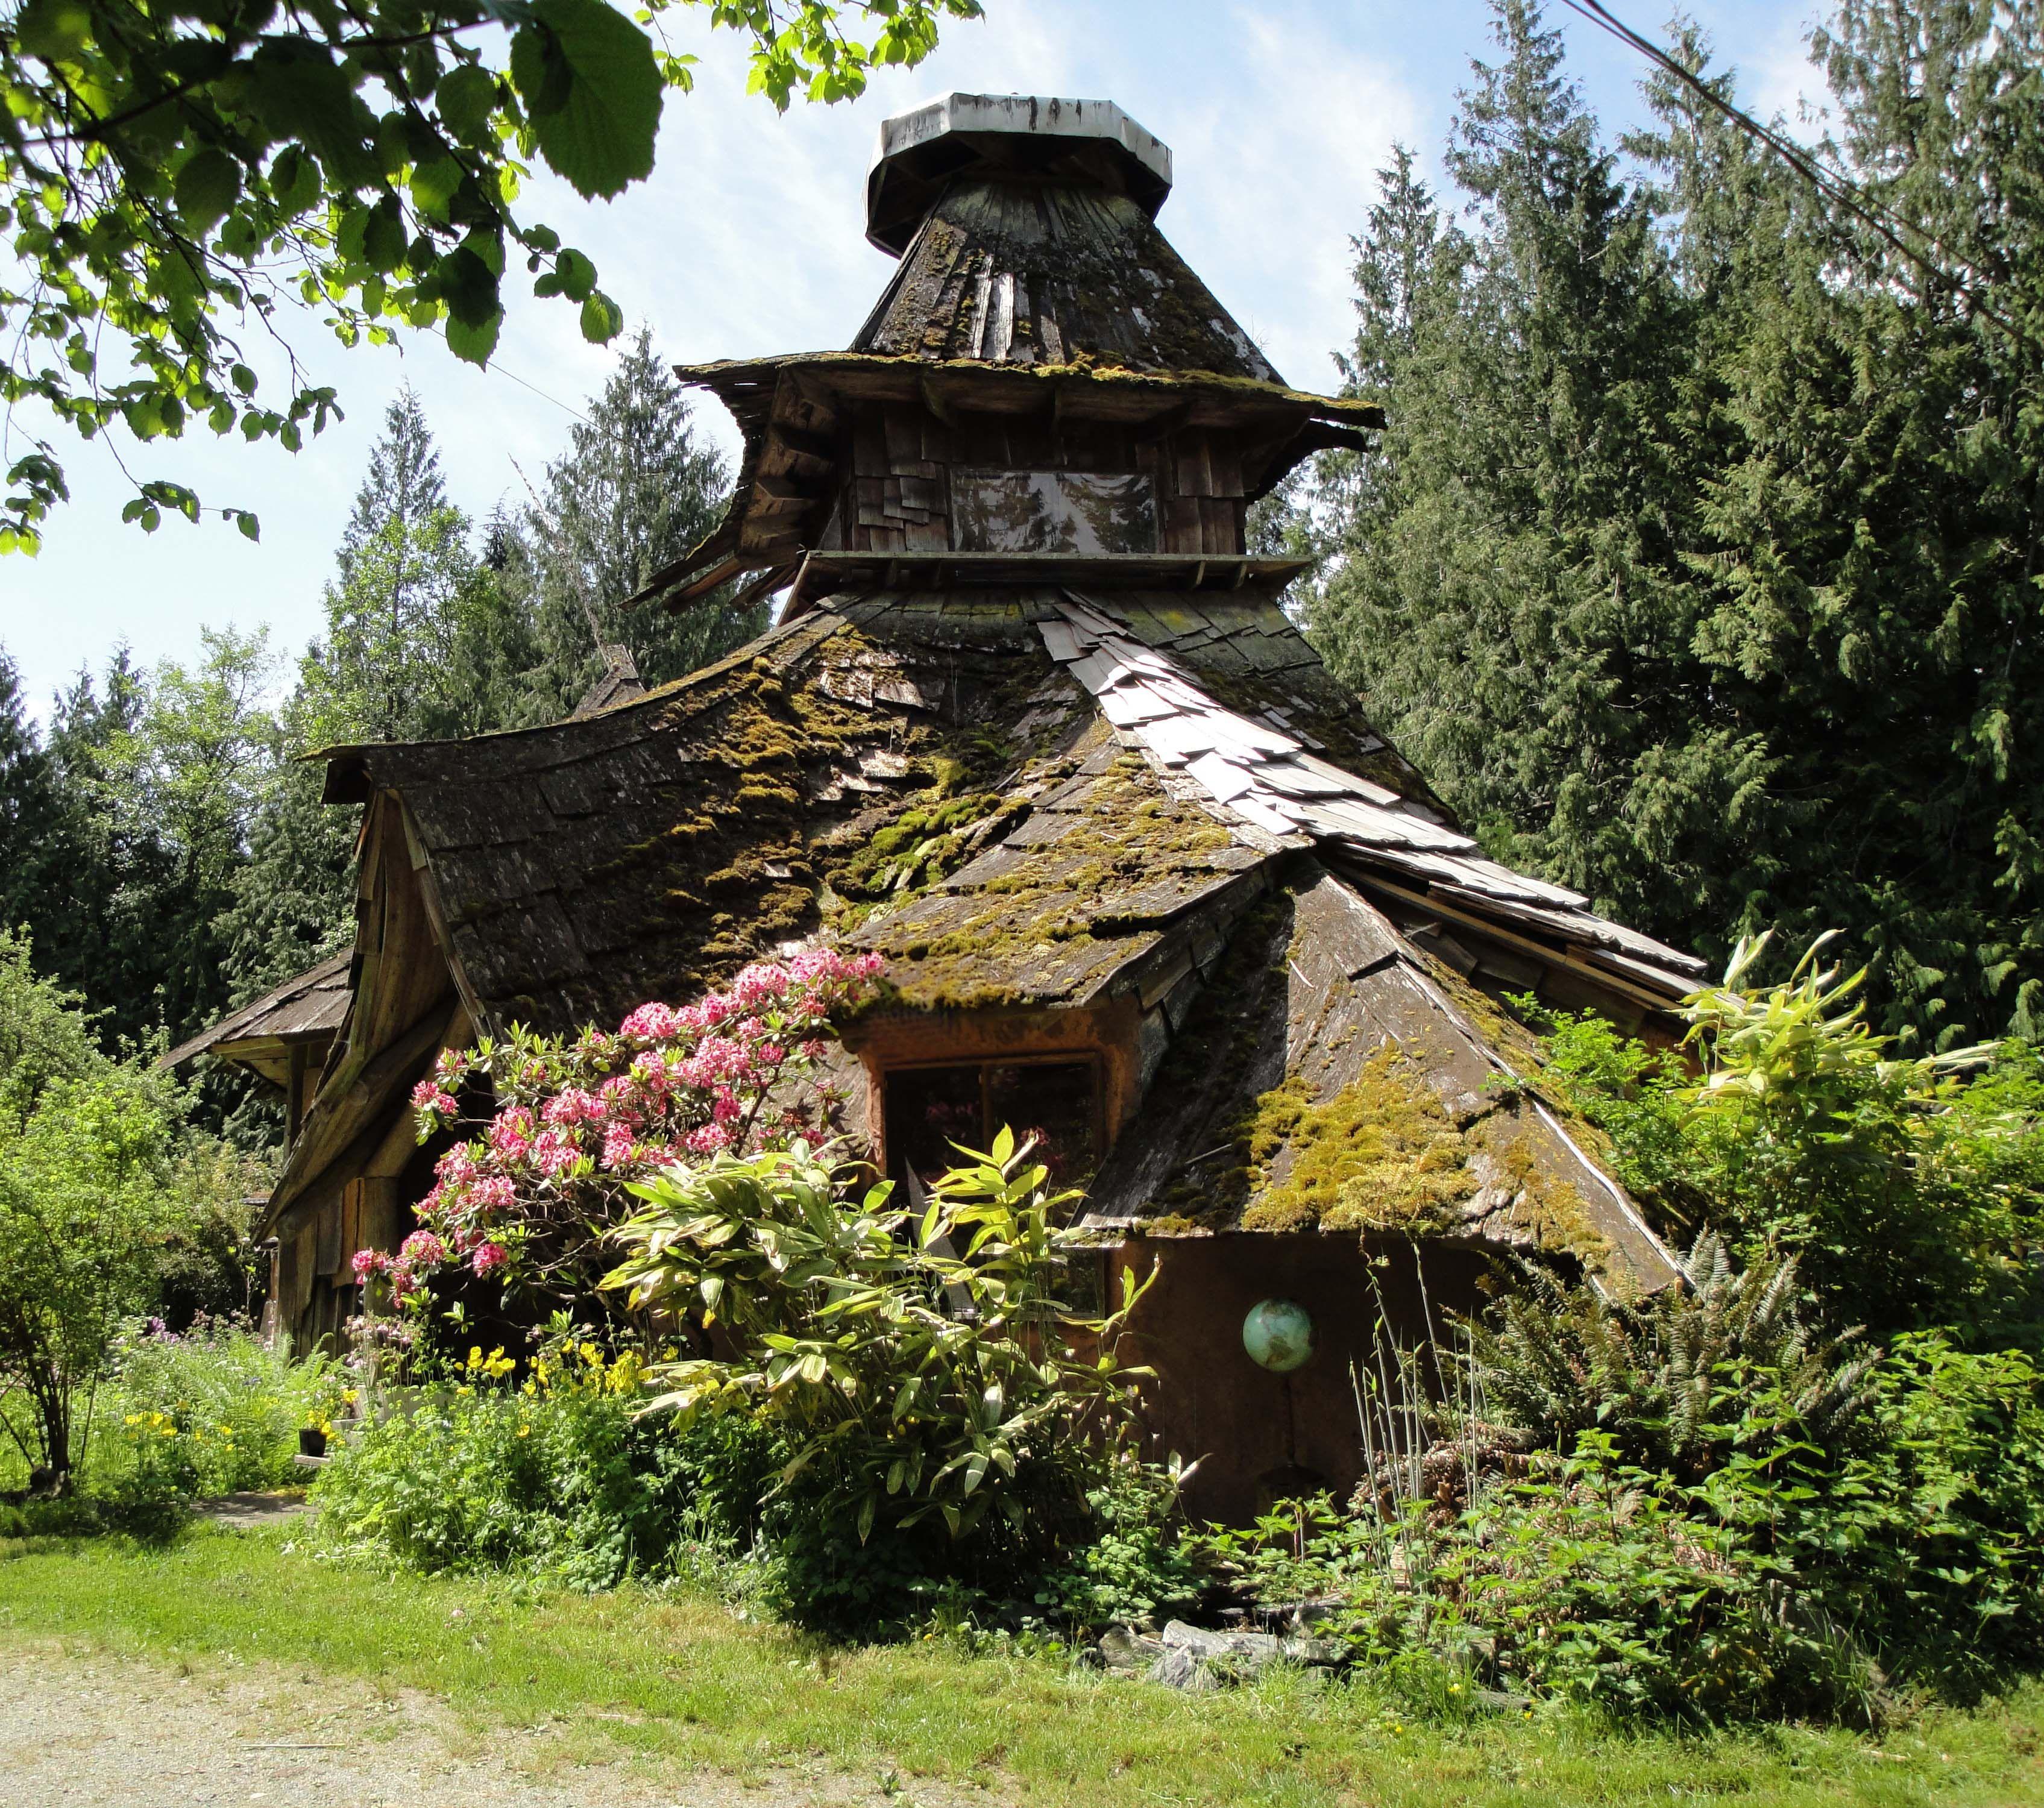 Earth house autrement pinterest organique la maison et cabanes - Autrement maison ...